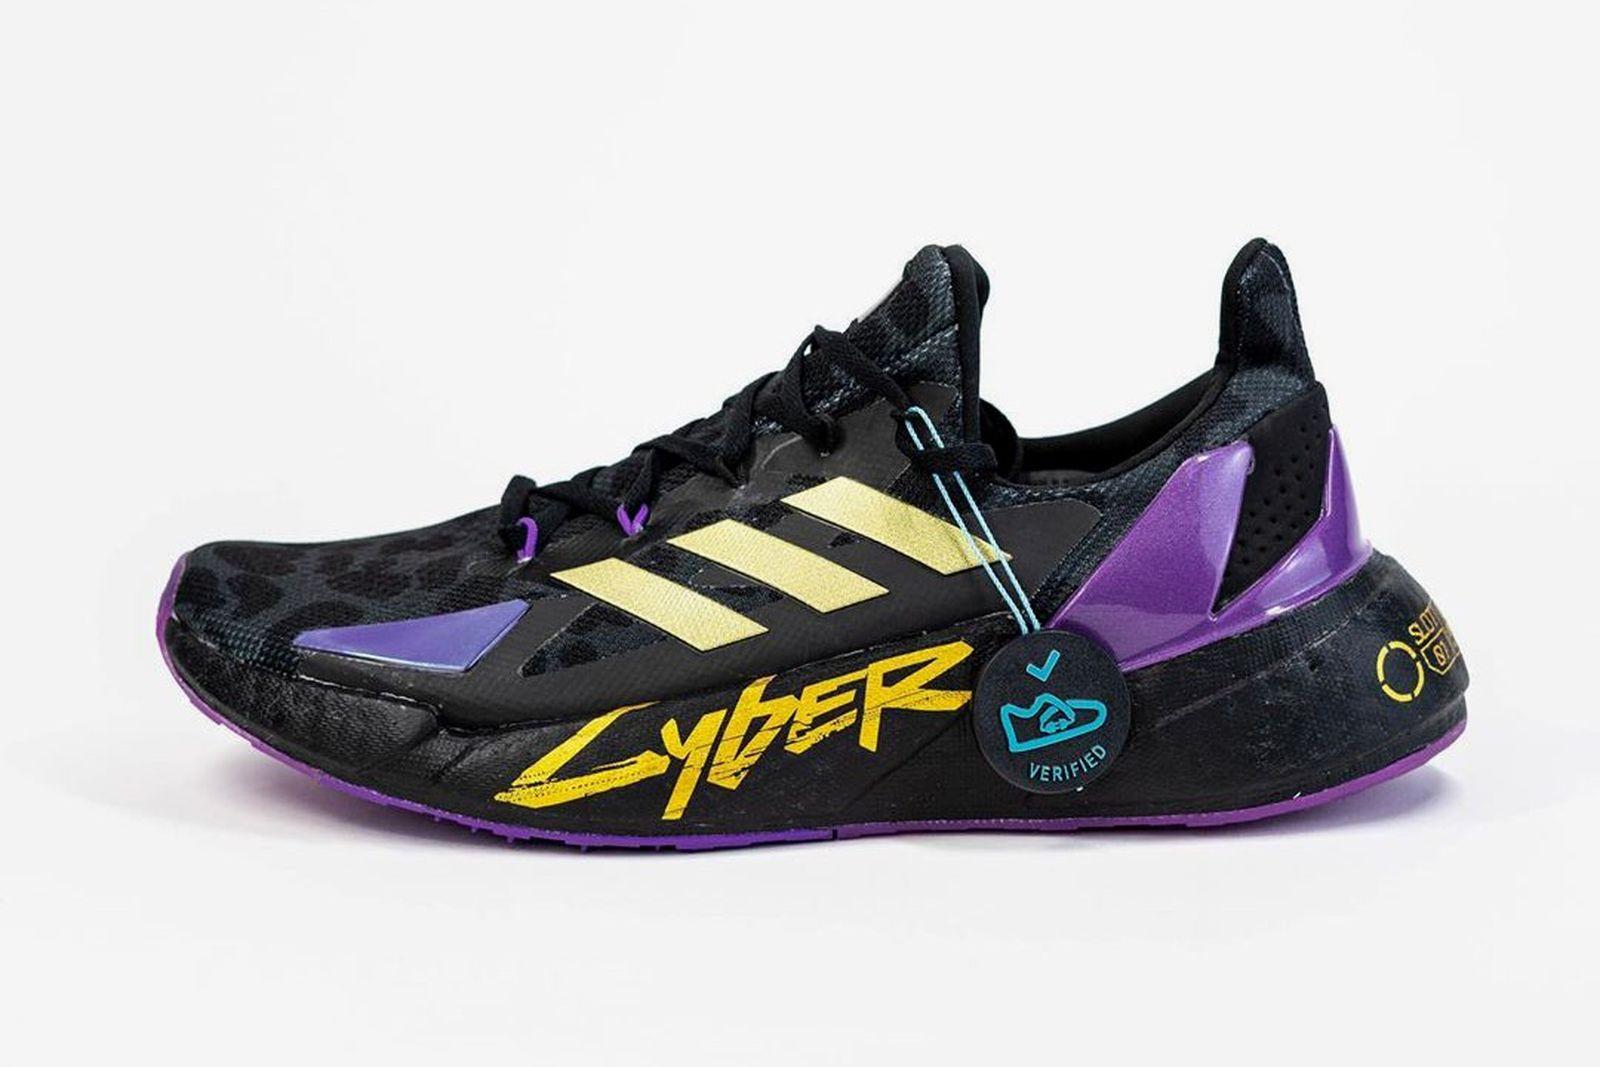 cyberpunk-2077-adidas-x9000l4-release-date-price-01